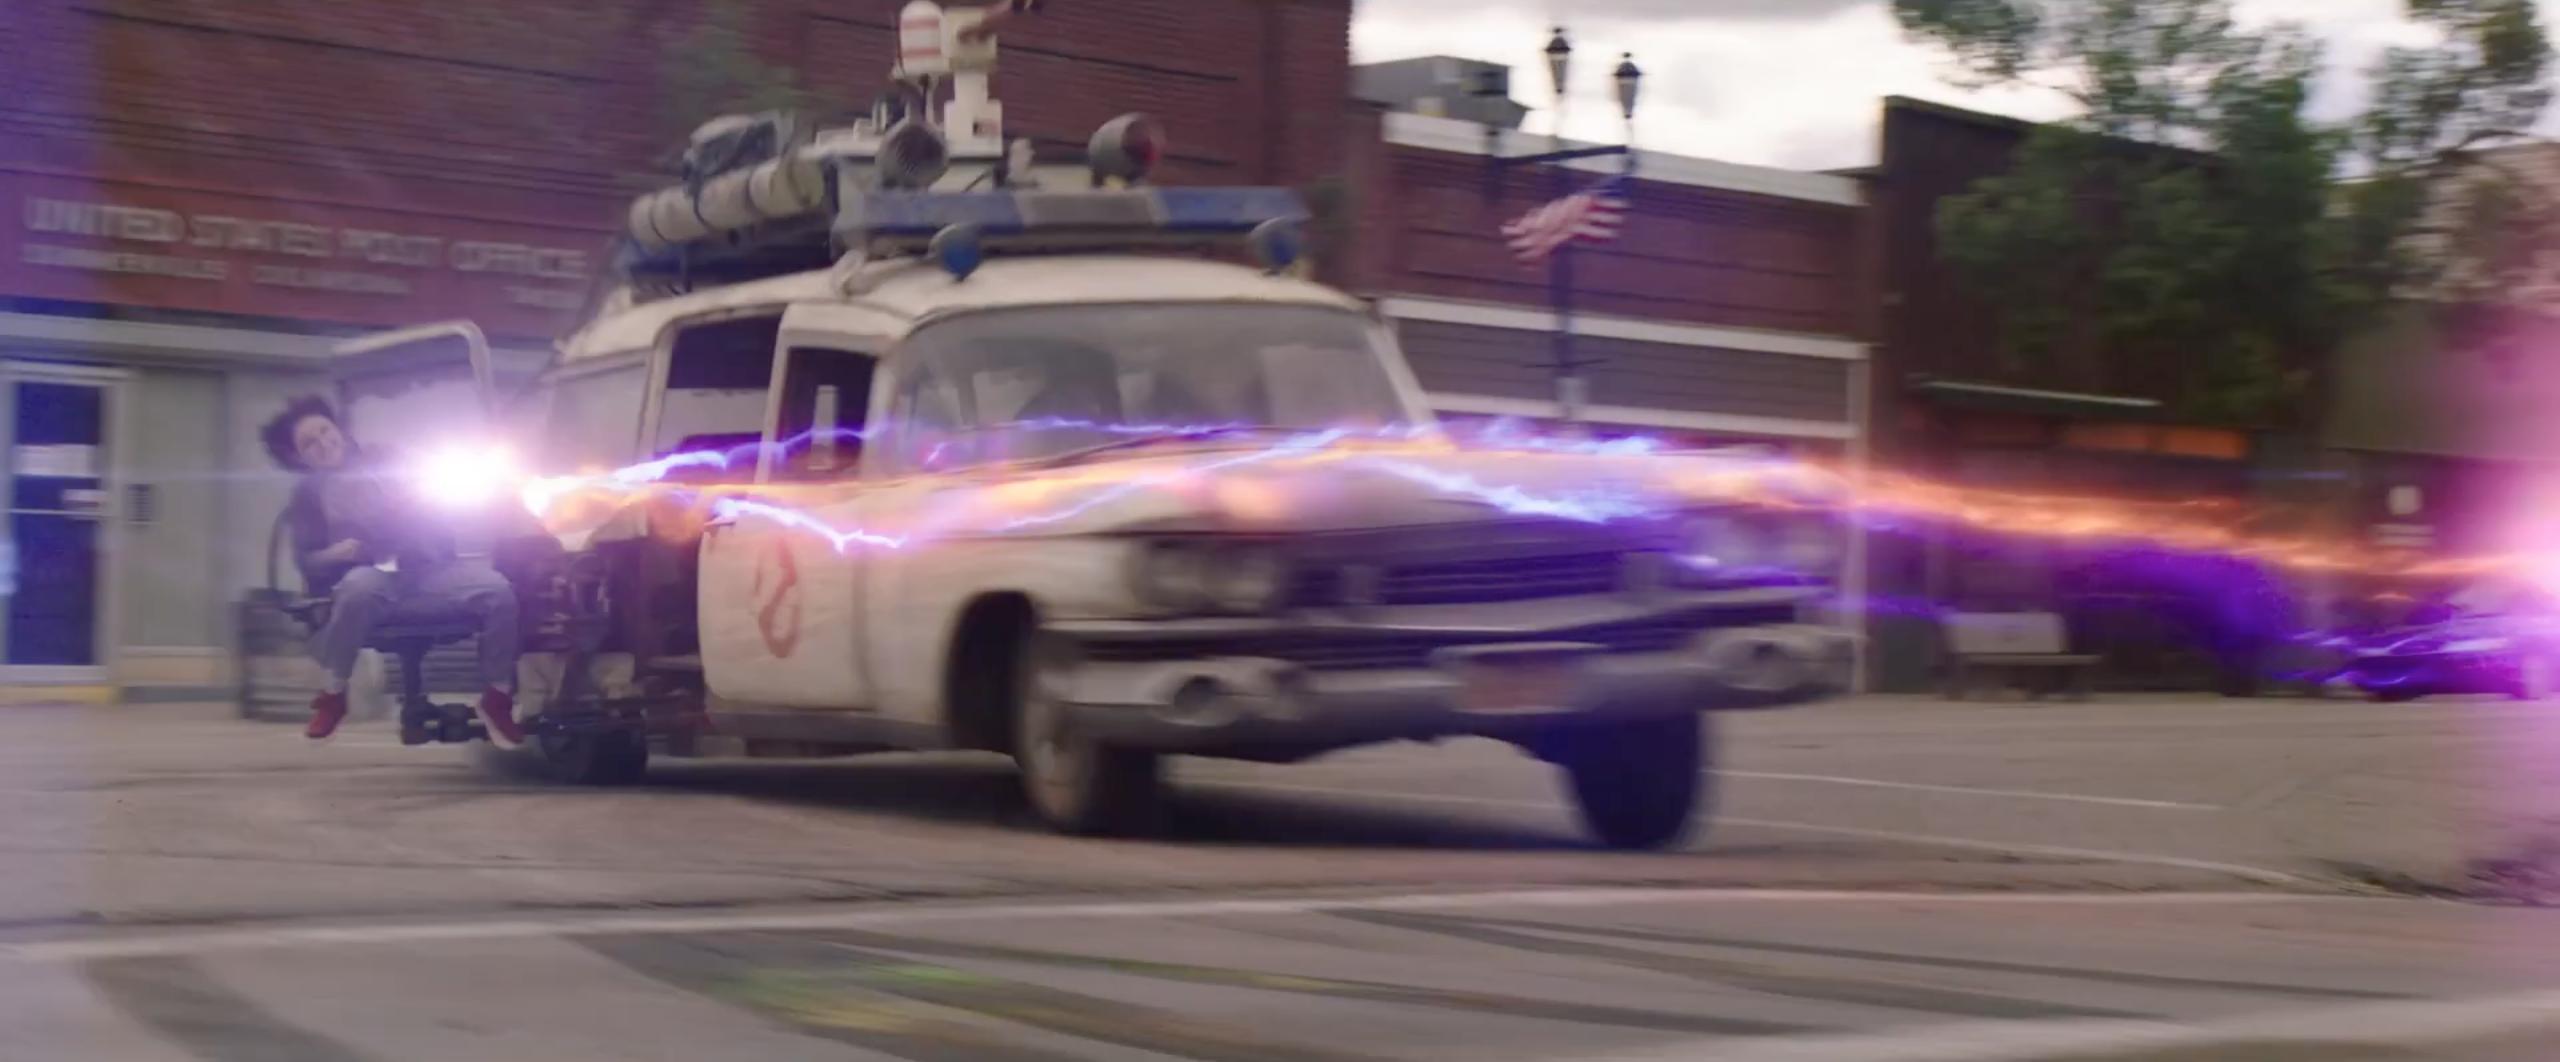 Ghostbusters 3: ecco finalmente il primo trailer del film